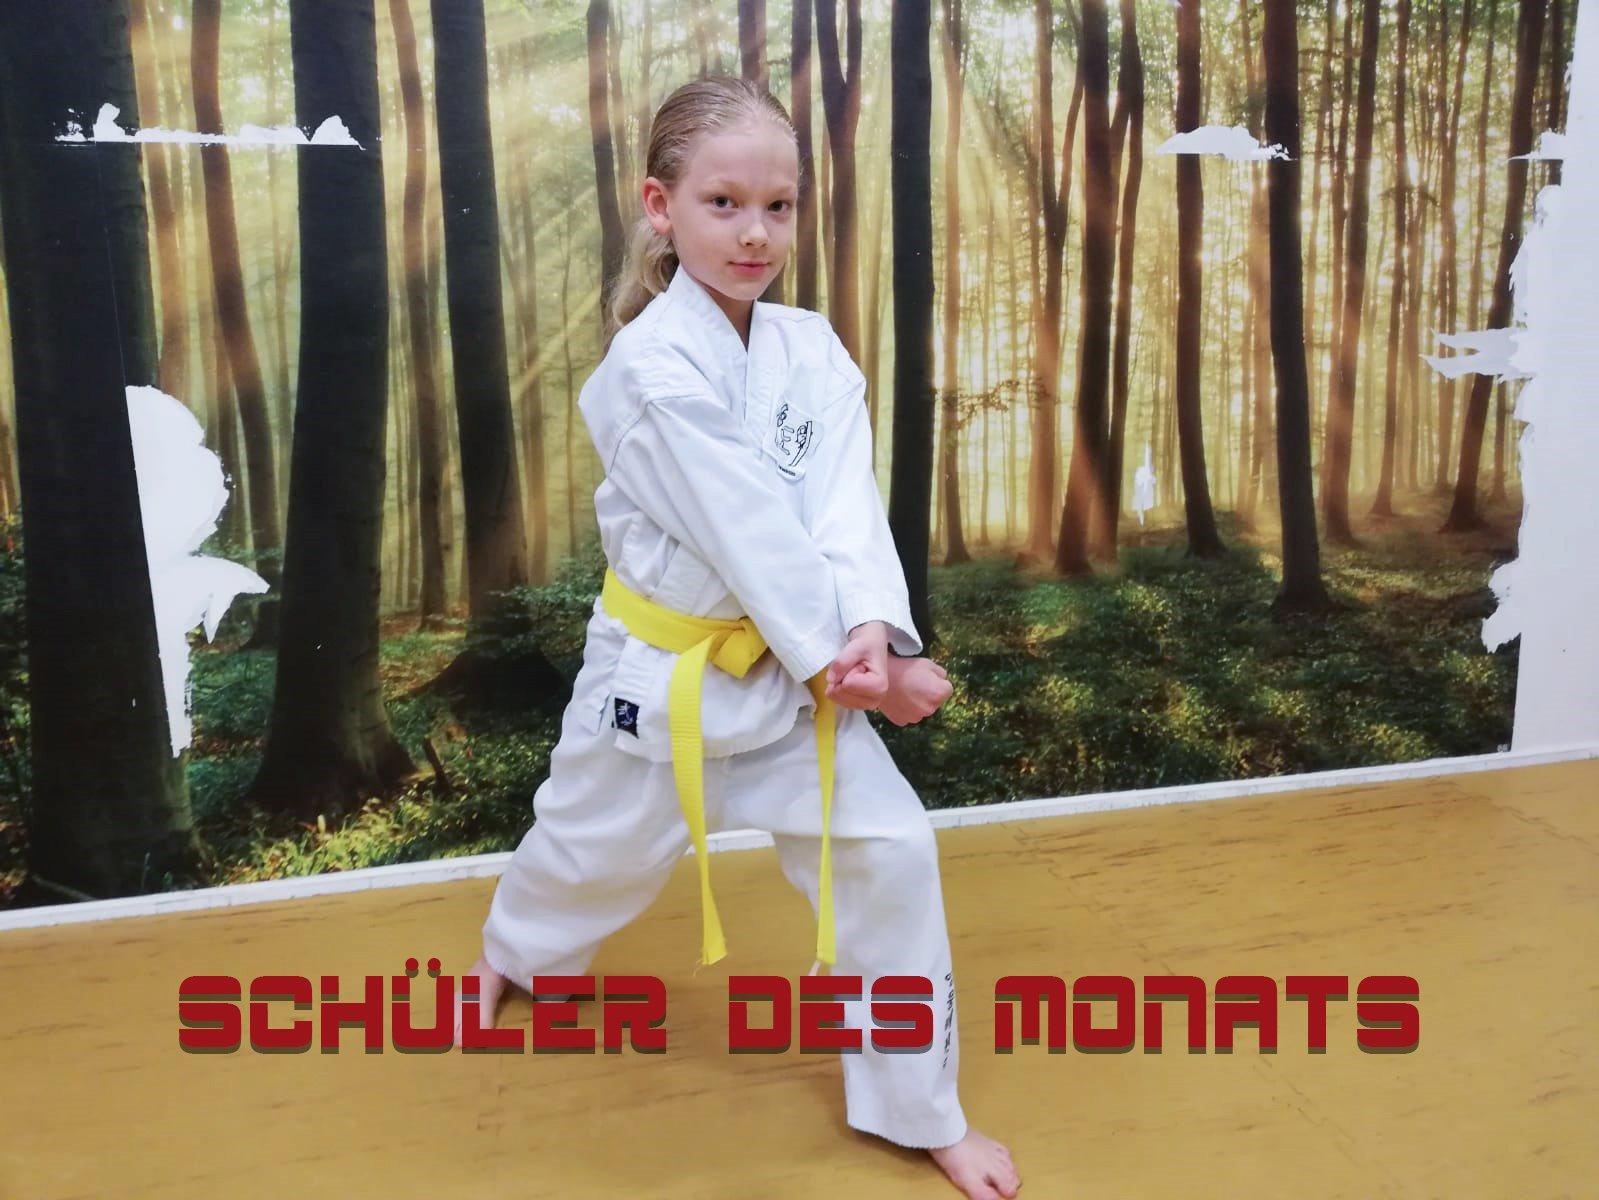 YOUNG-UNG Taekwondo Kampfsport Schüler des Monats Maximilian Schellner